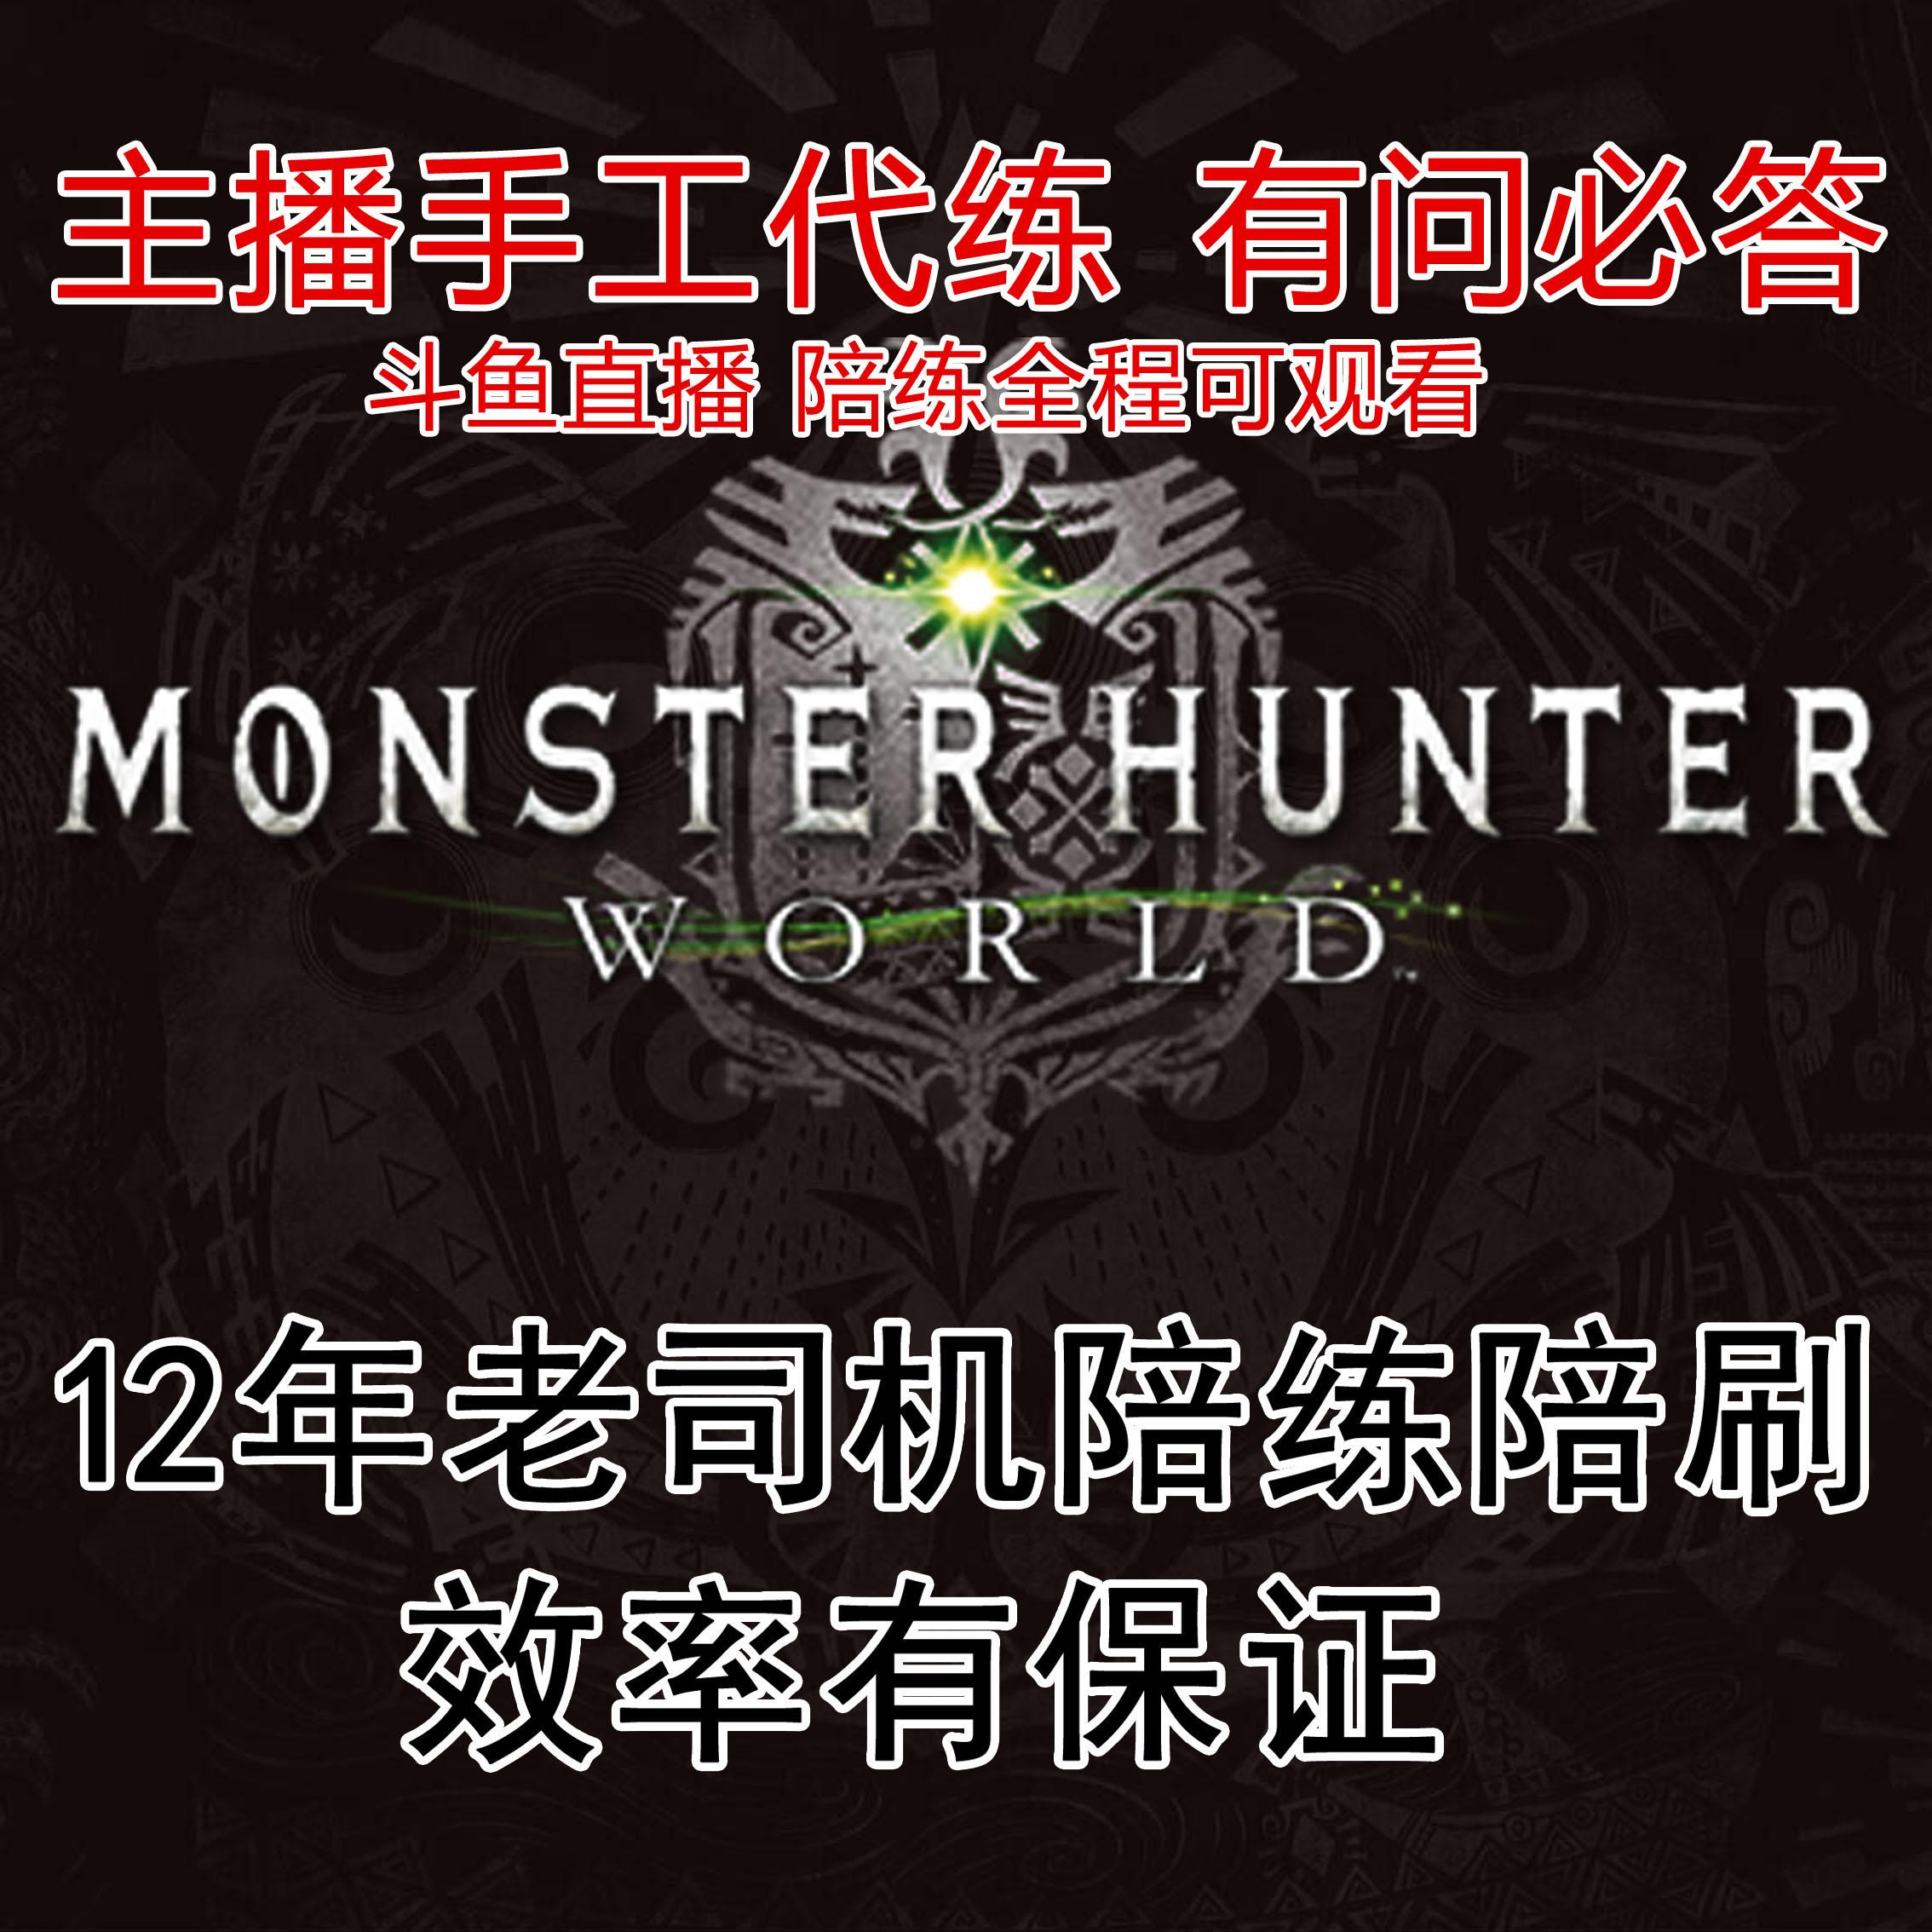 怪物猎人世界ps4巨魔之地5.00元包邮